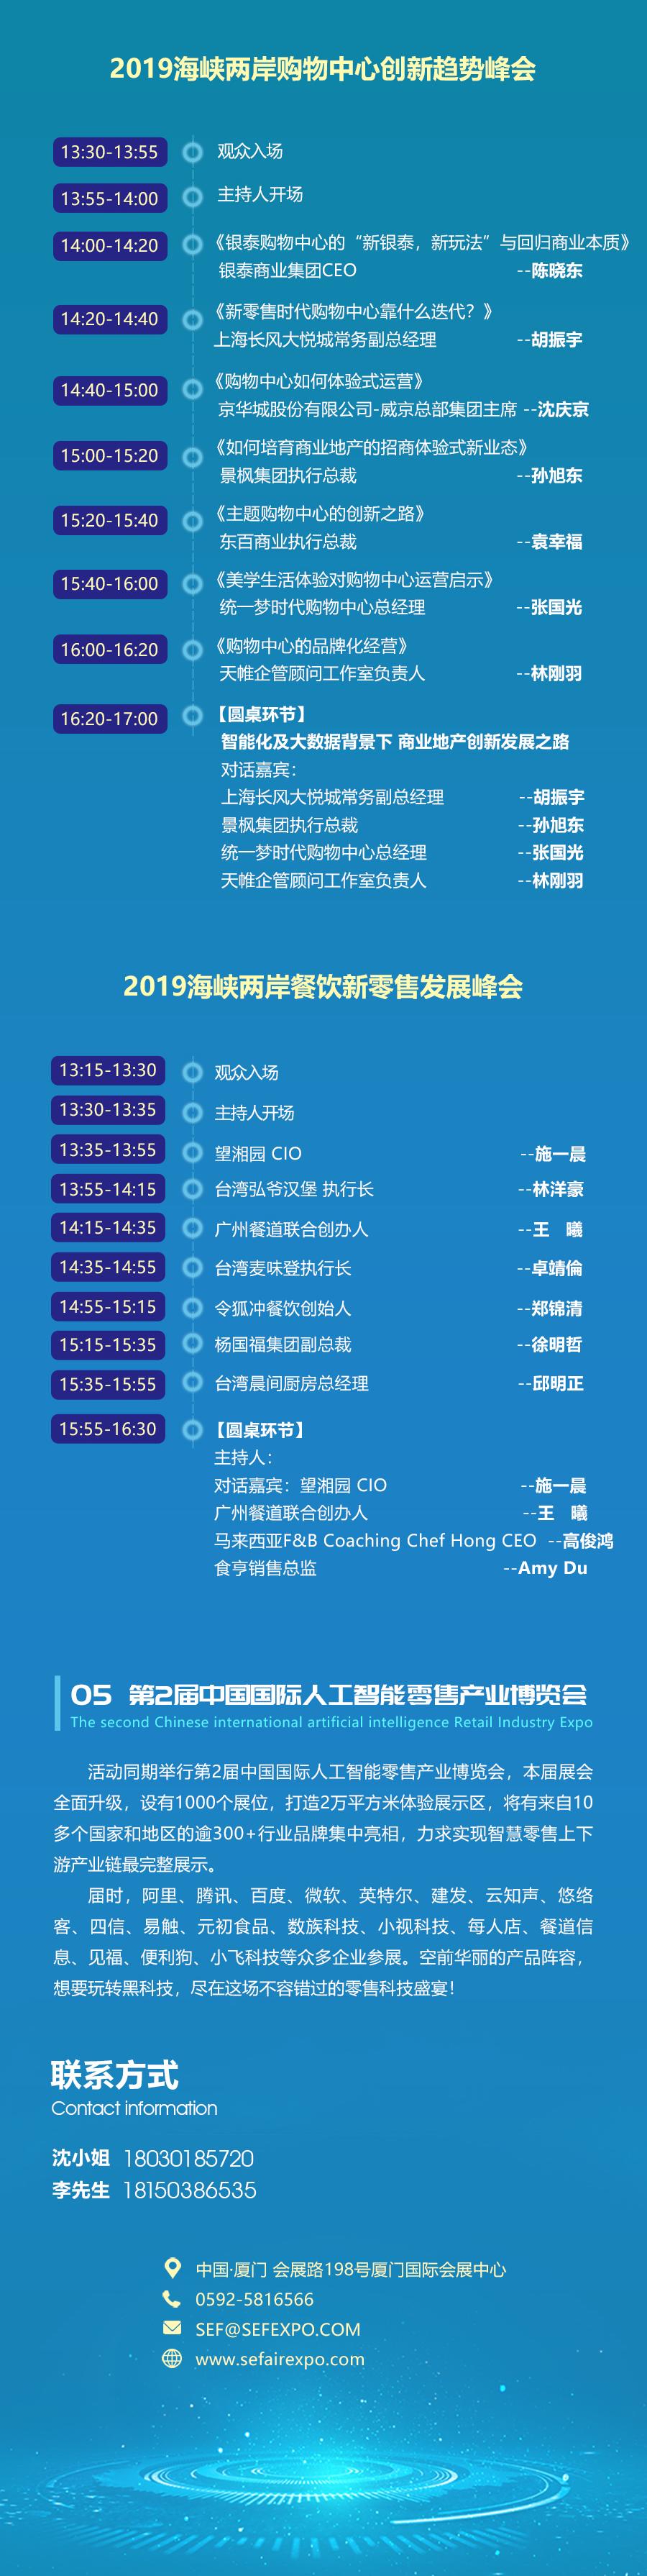 2019全球智慧零售大会(厦门)